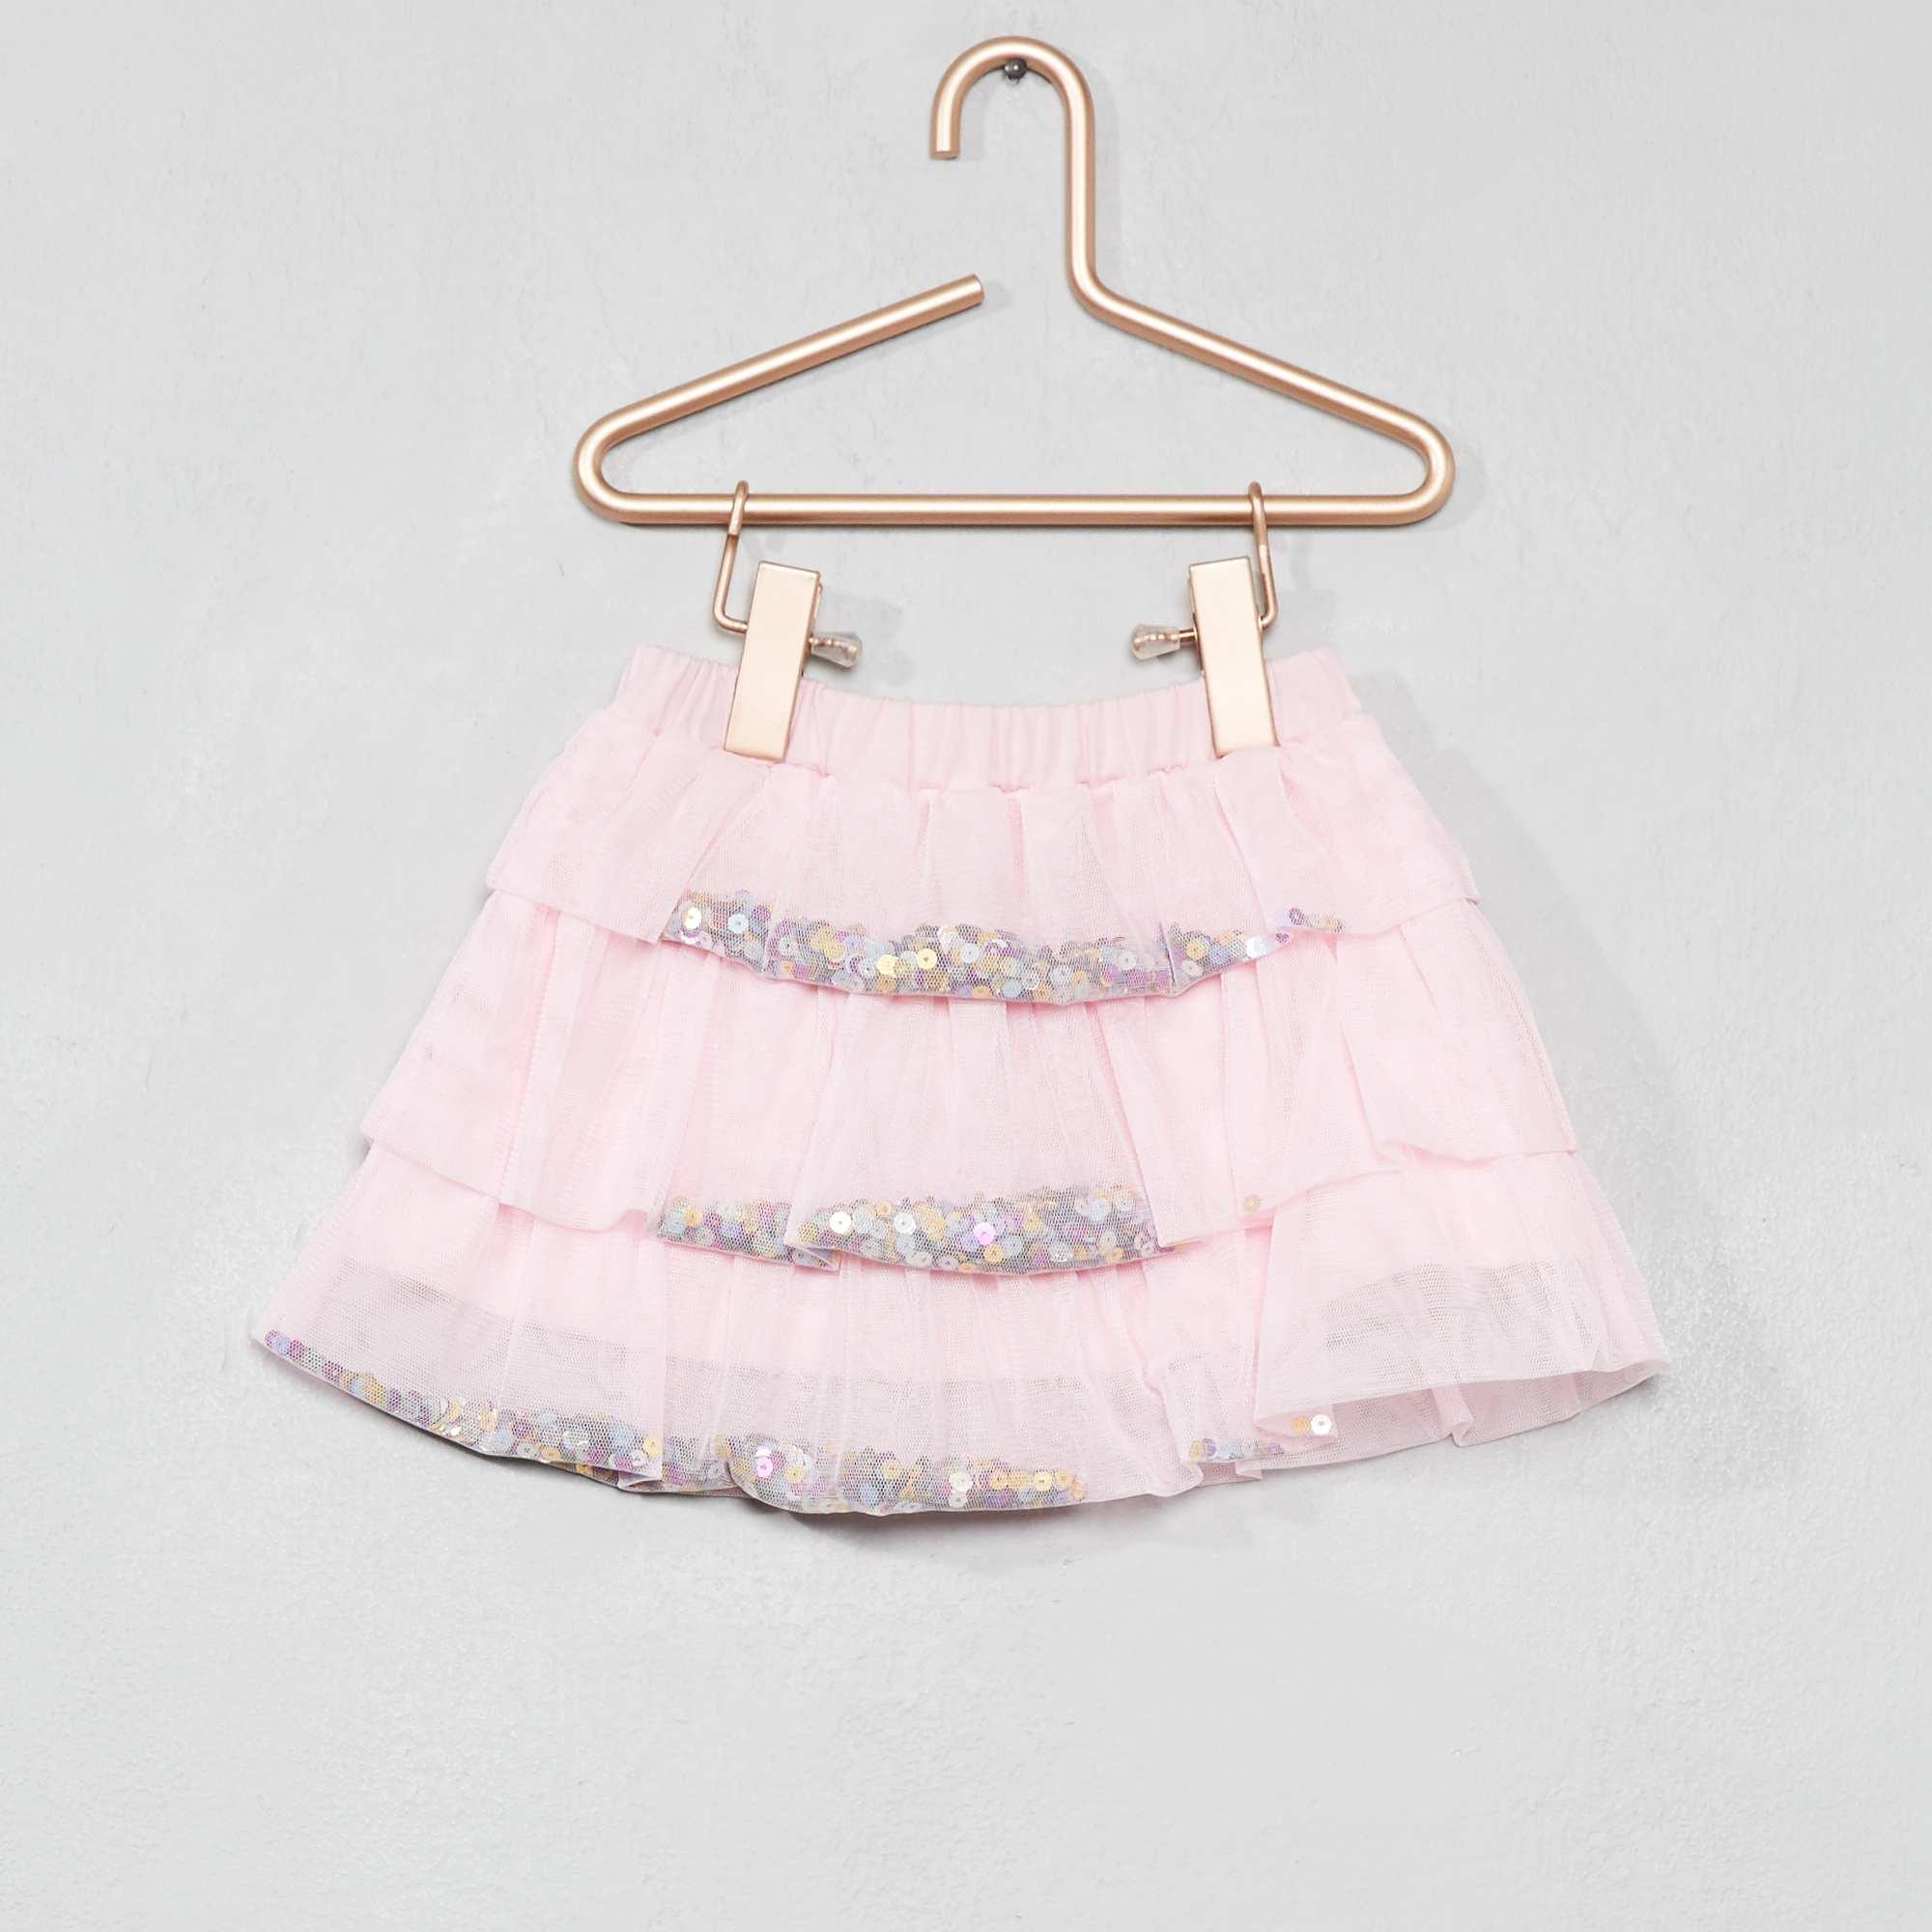 f8cb38346 Falda de tul con lentejuelas Bebé niña - ROSA - Kiabi - 5,00€